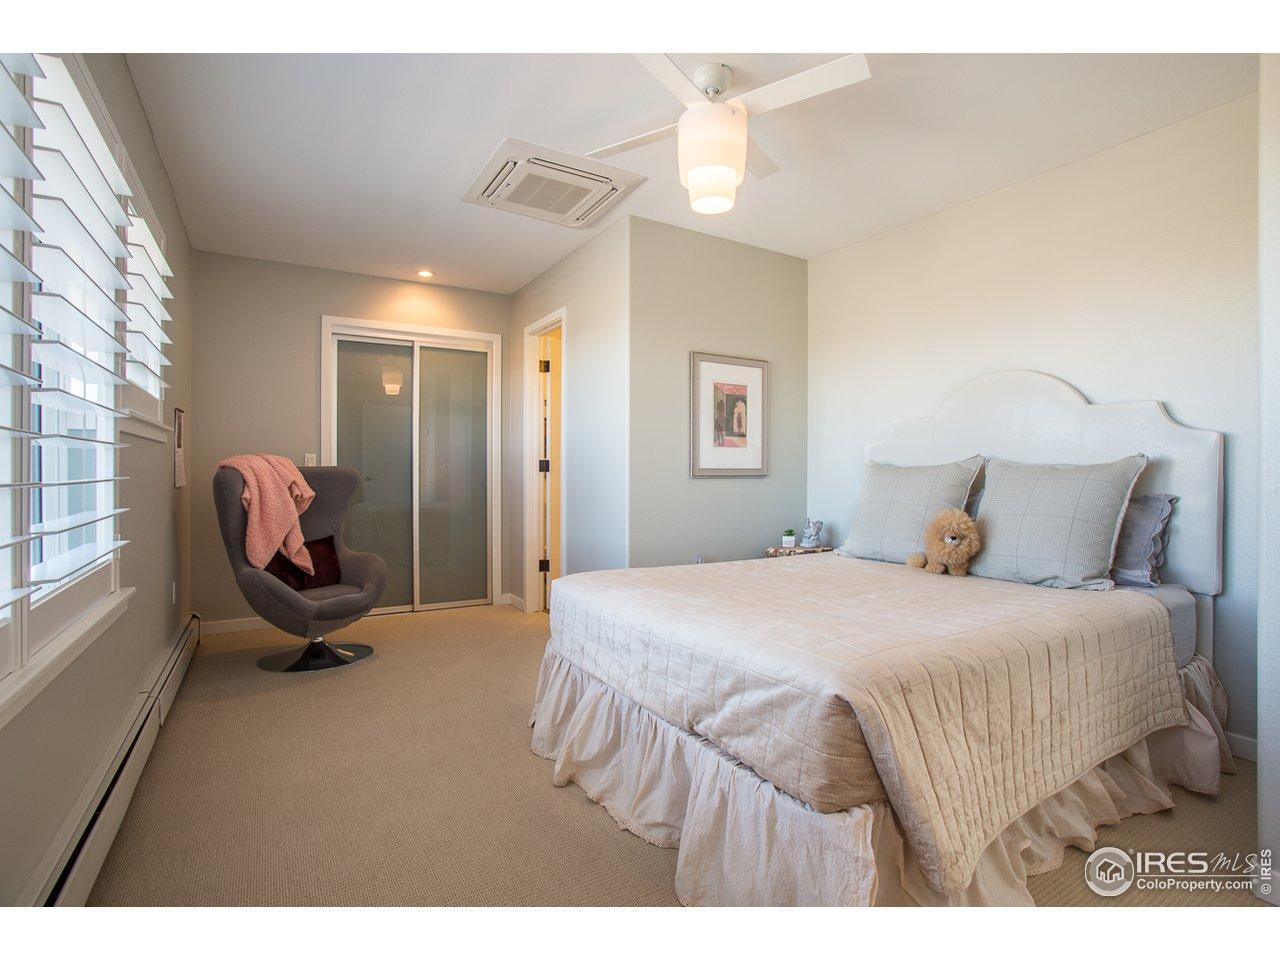 Bedroom with Longs Peak Views